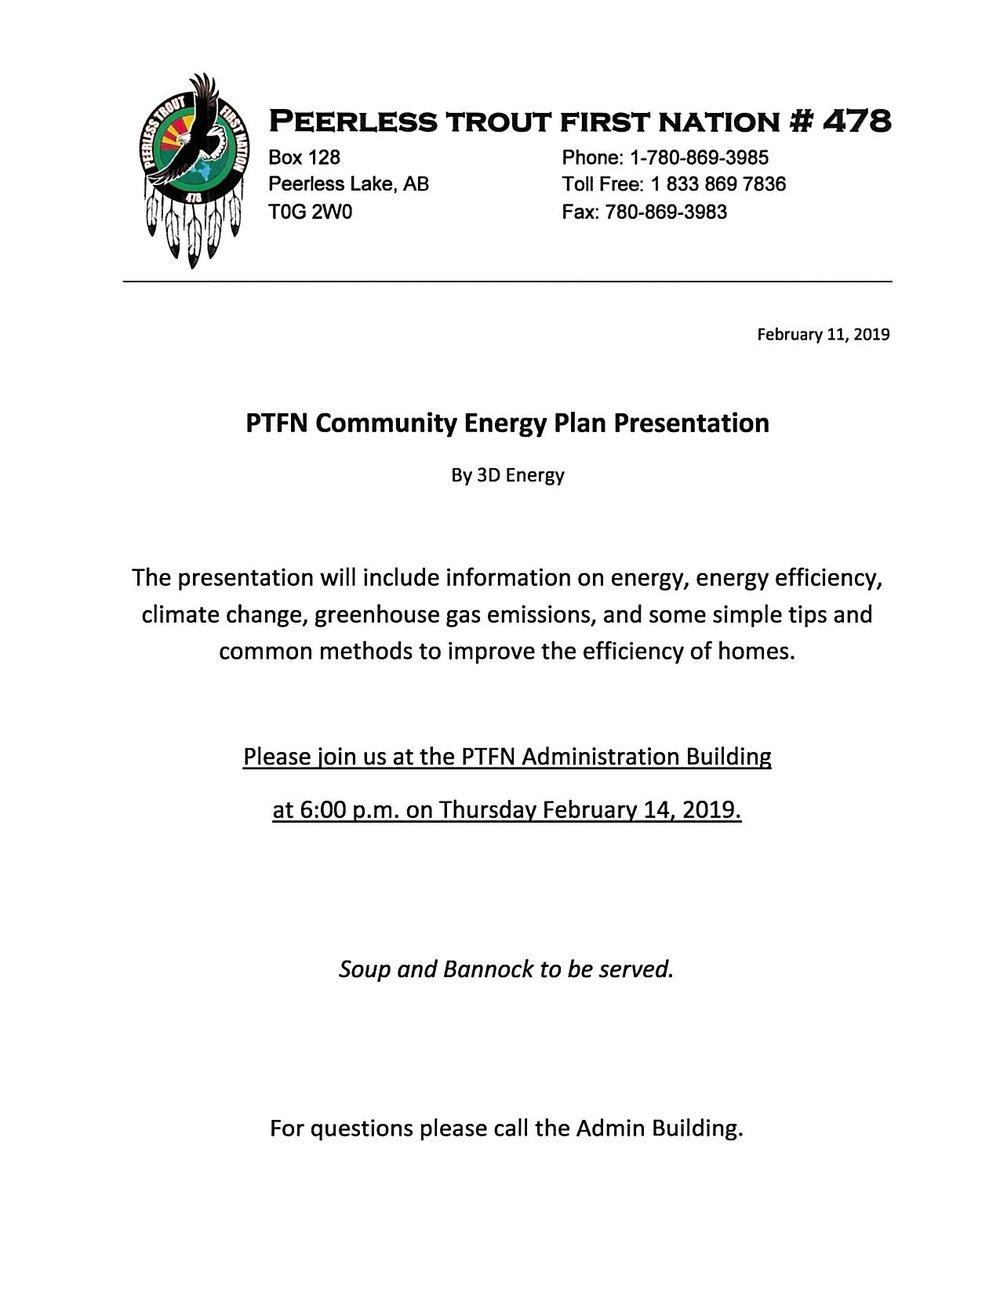 Energy plan presention .jpg